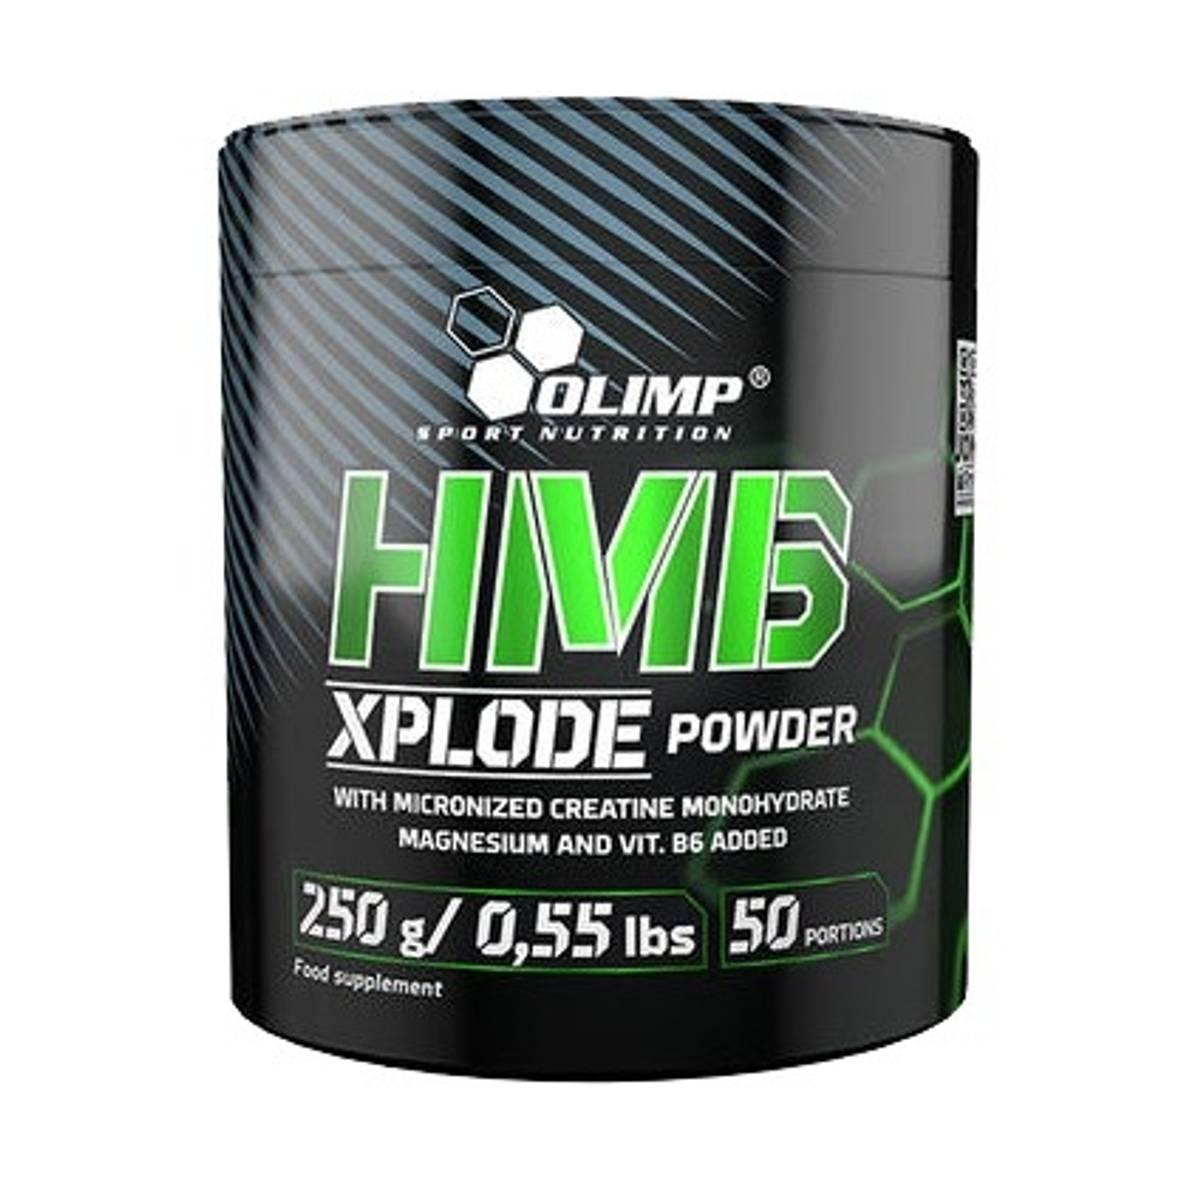 HMB Explode Powder - 250g